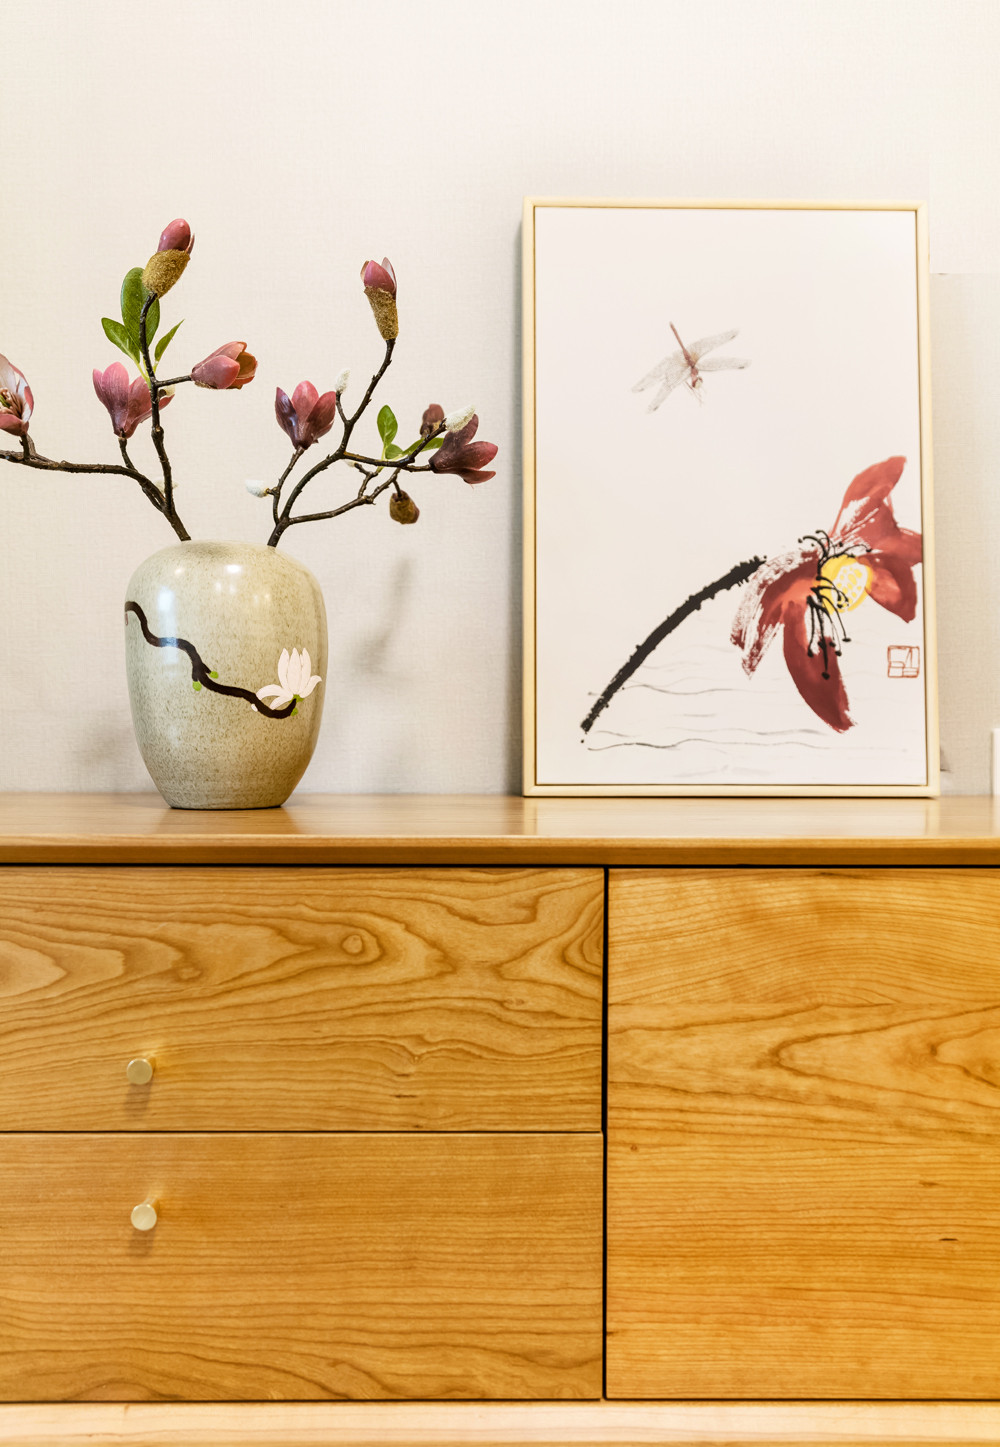 二居室日式风格家电视柜装饰摆件